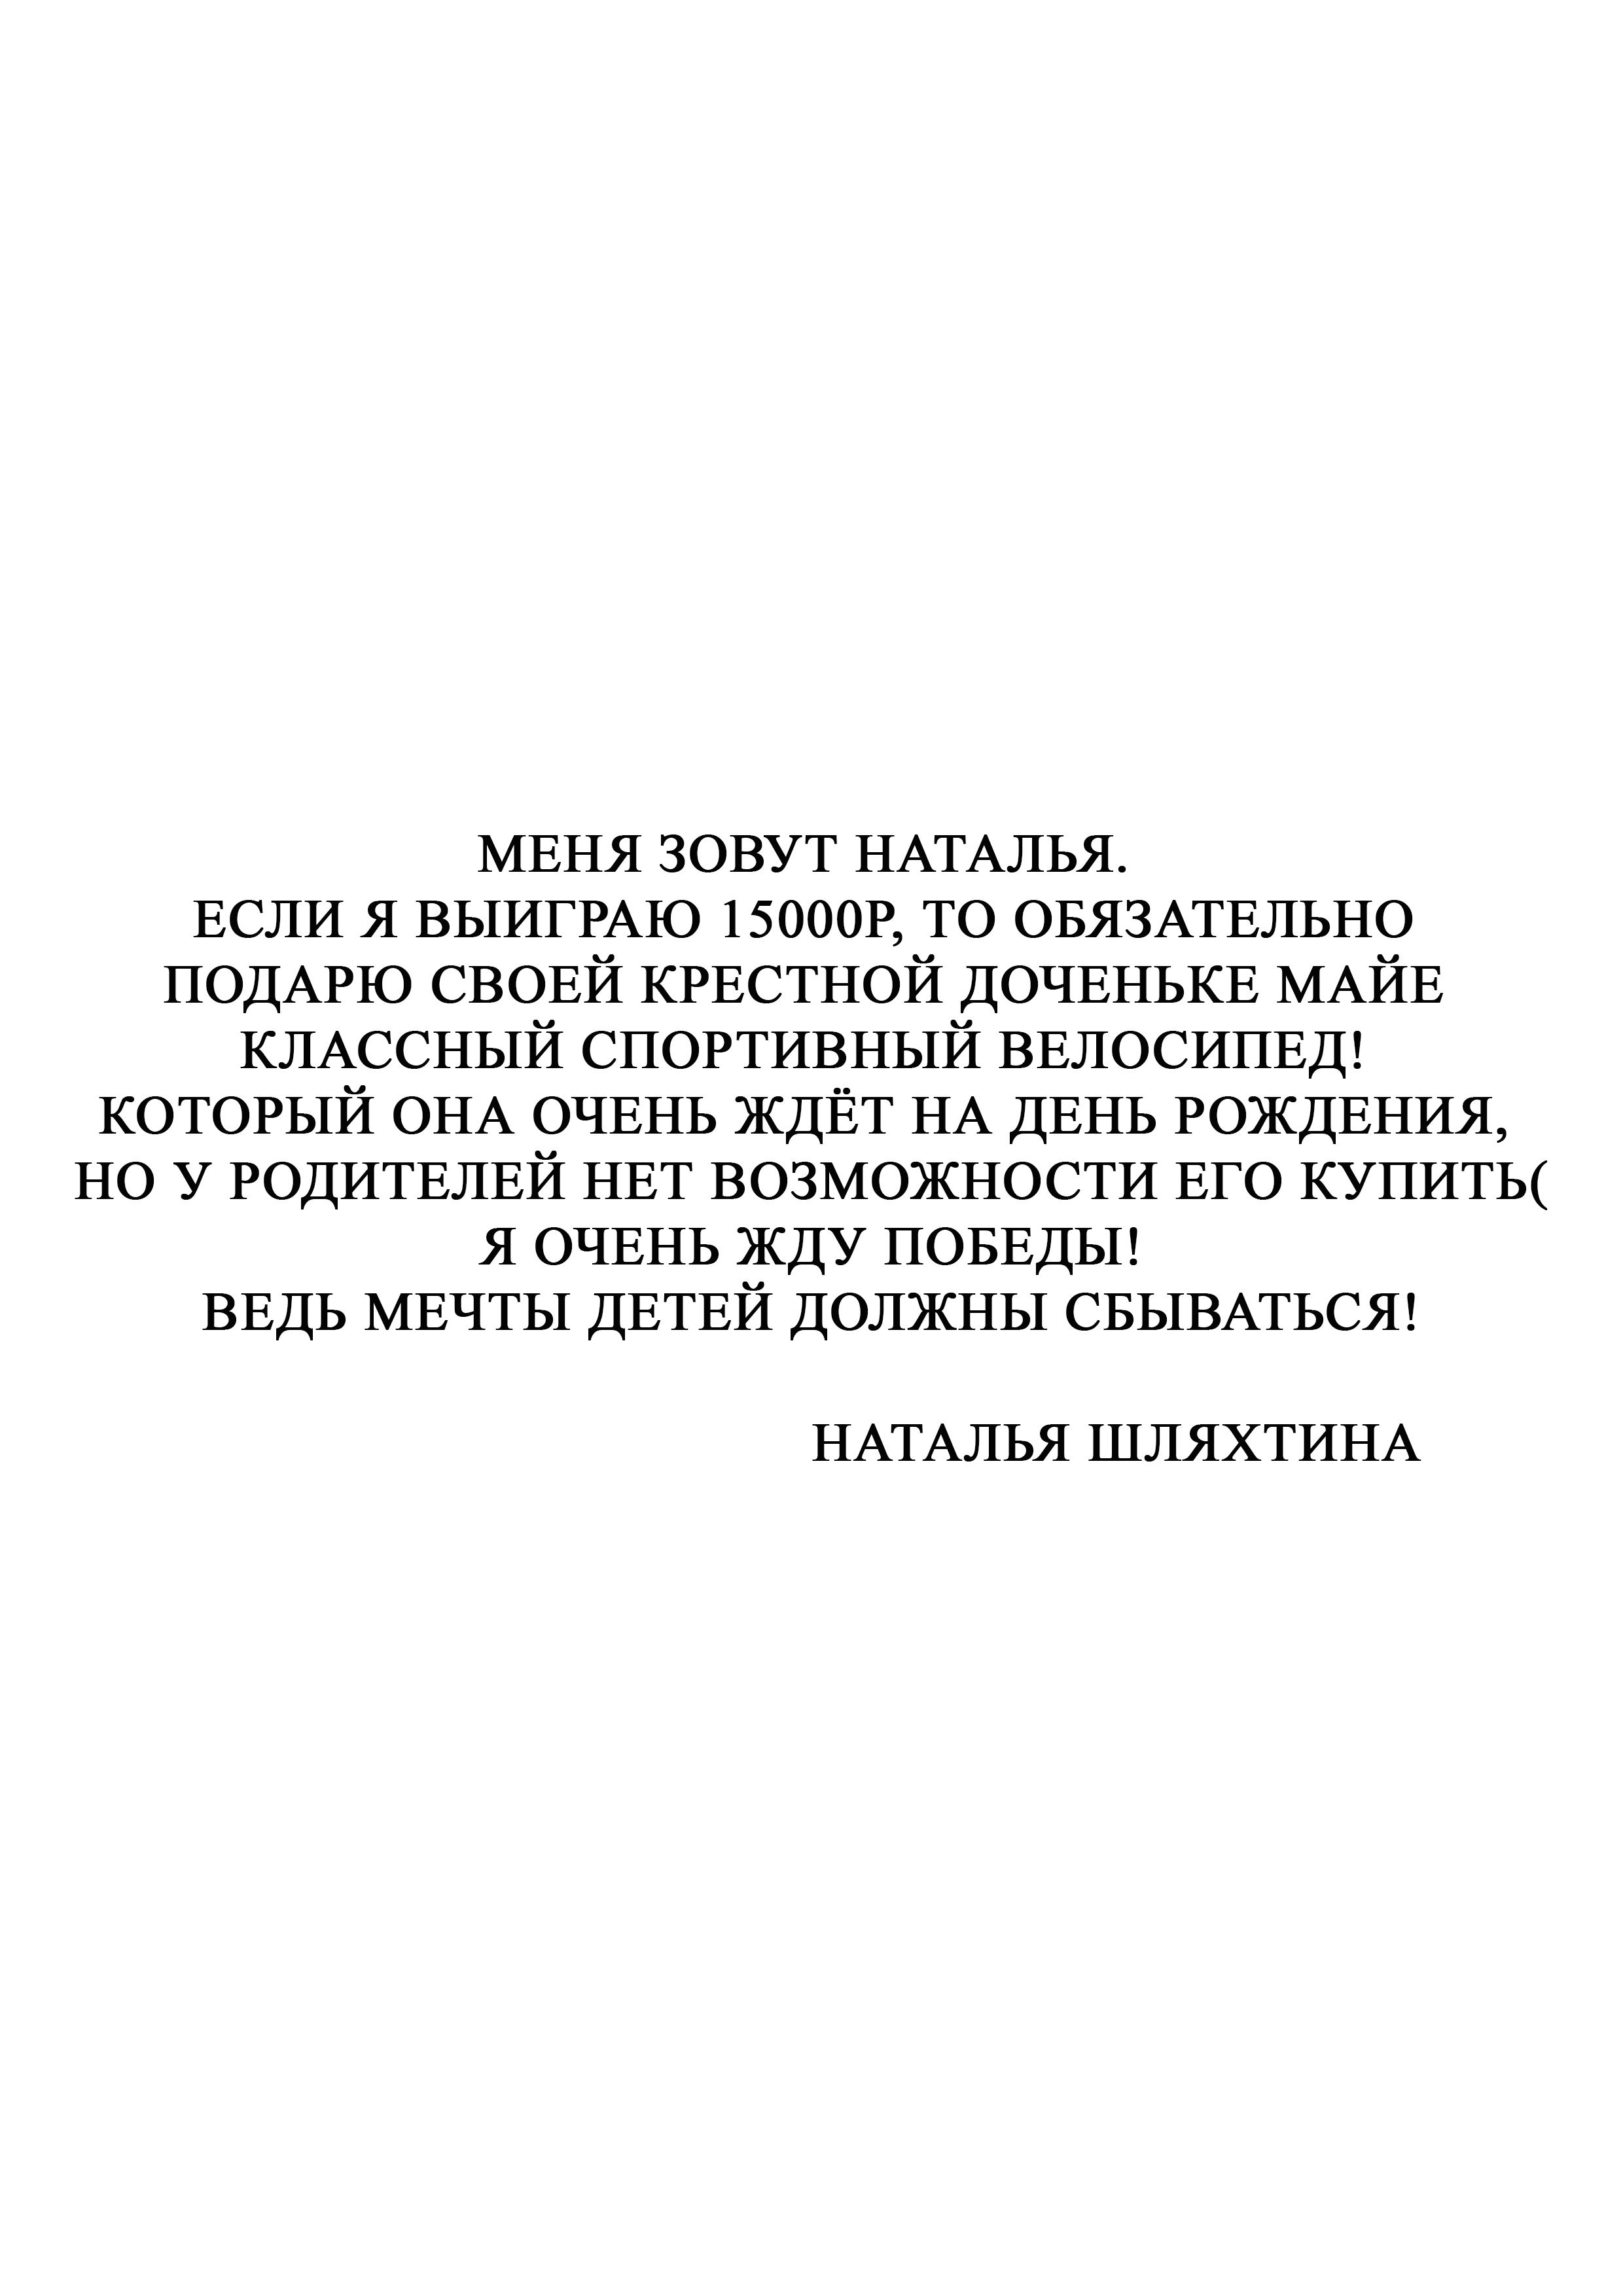 Наталья Шляхтина